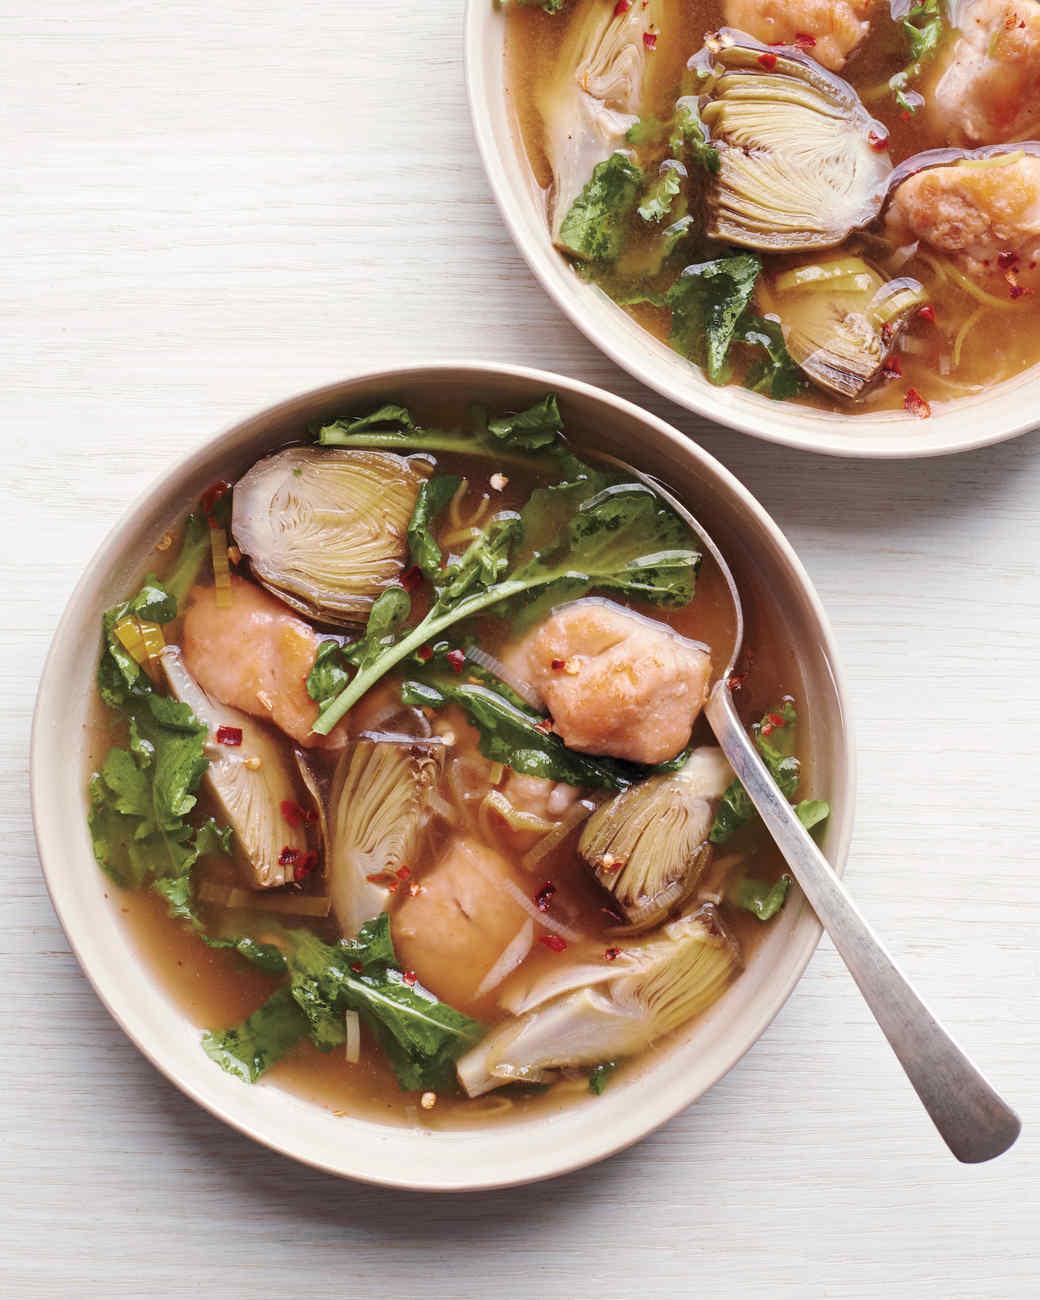 artichoke-and-chicken-soup-beauty-md110879-065.jpg